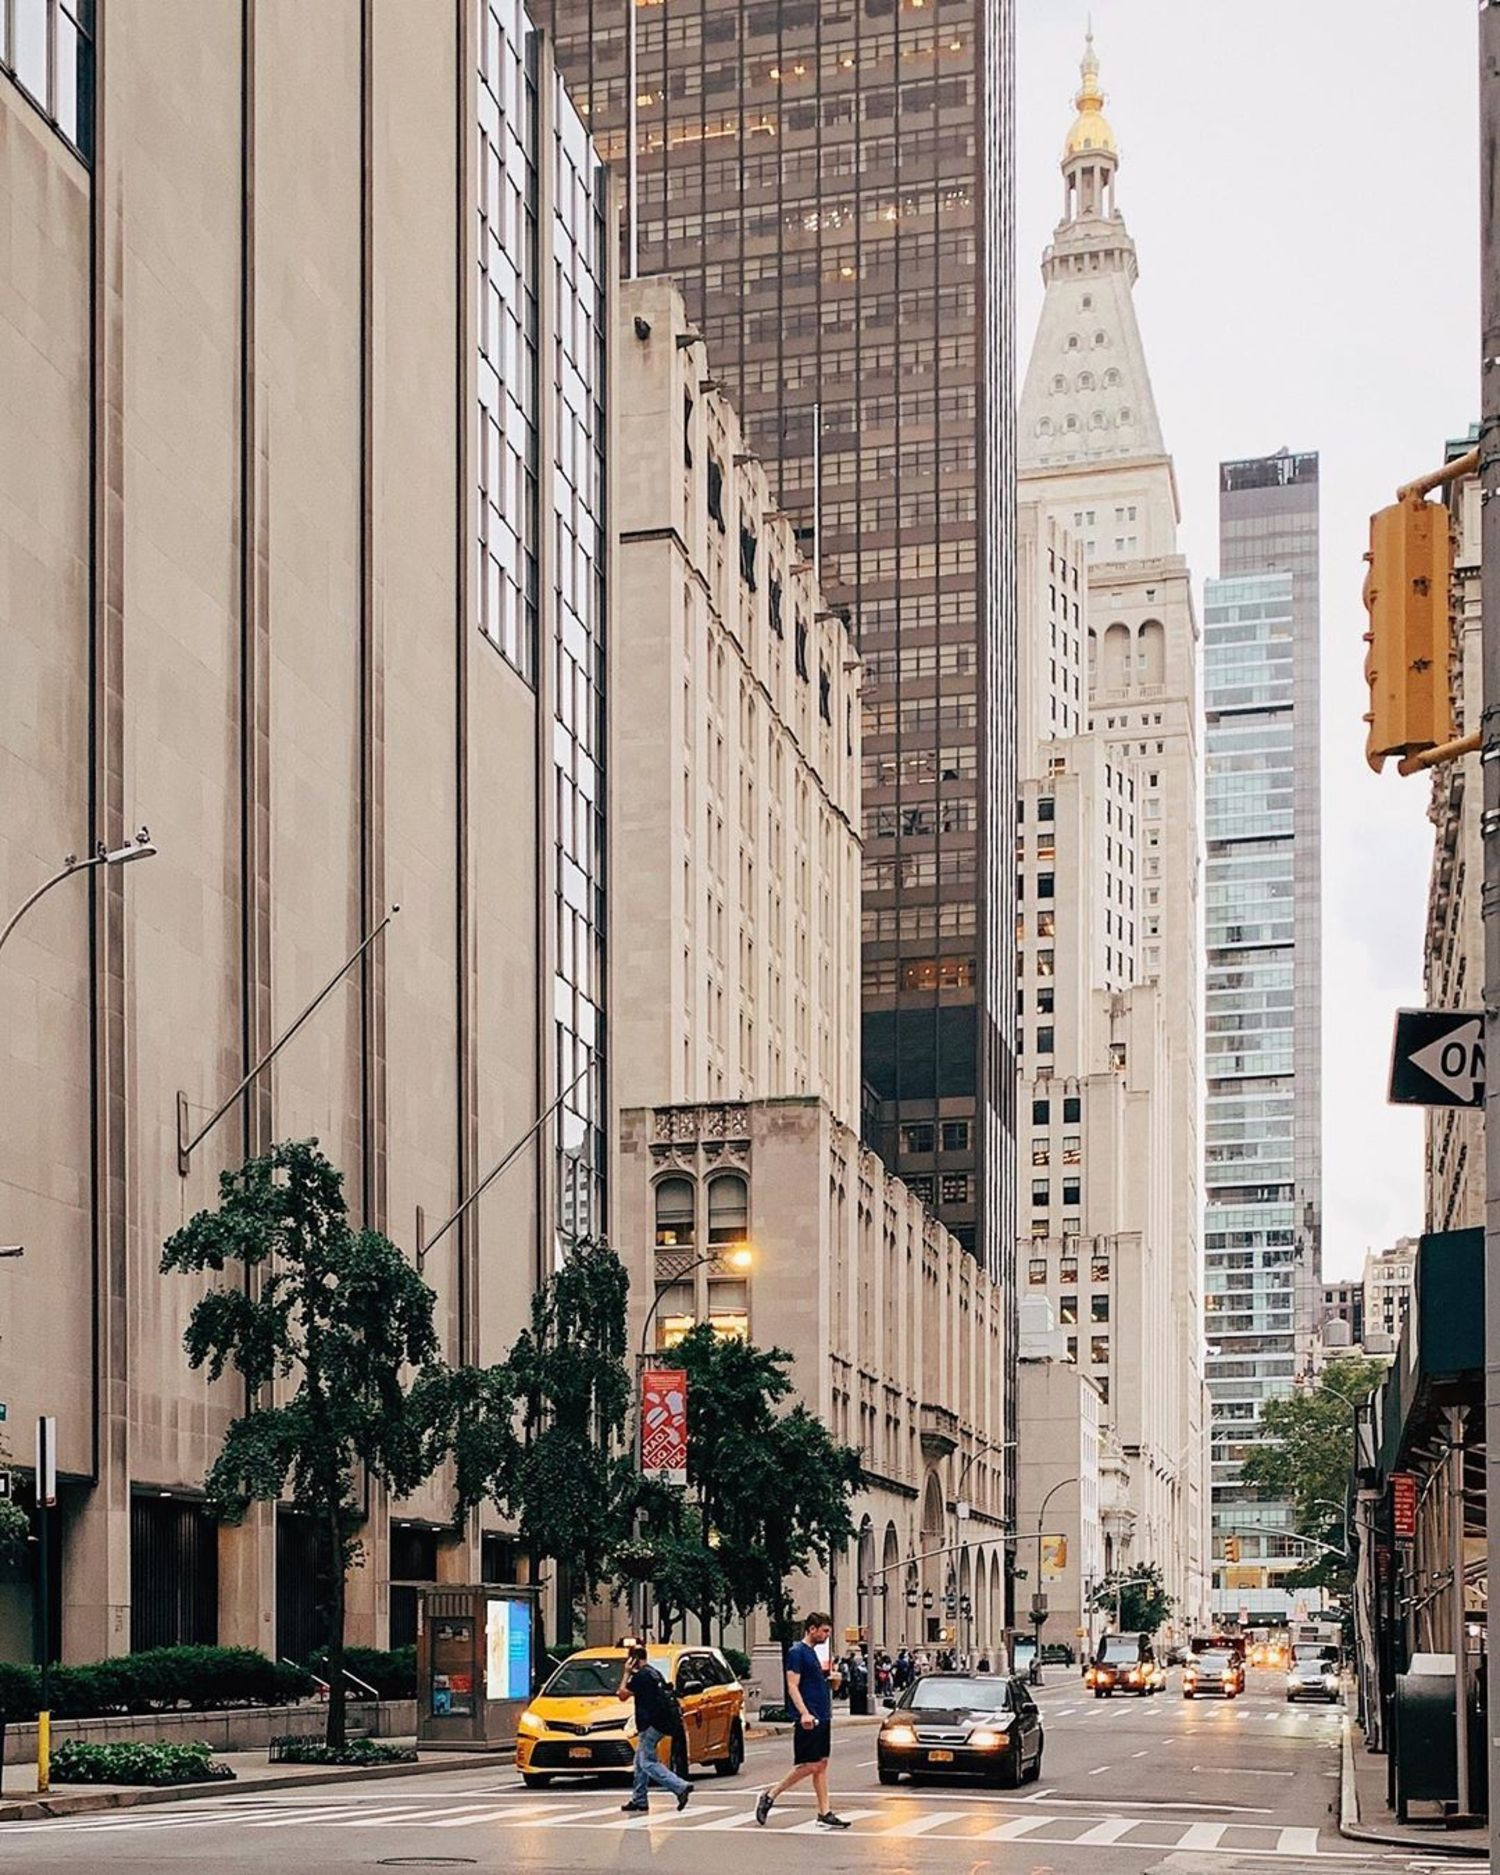 Madison Avenue, Flatiron District, Manhattan